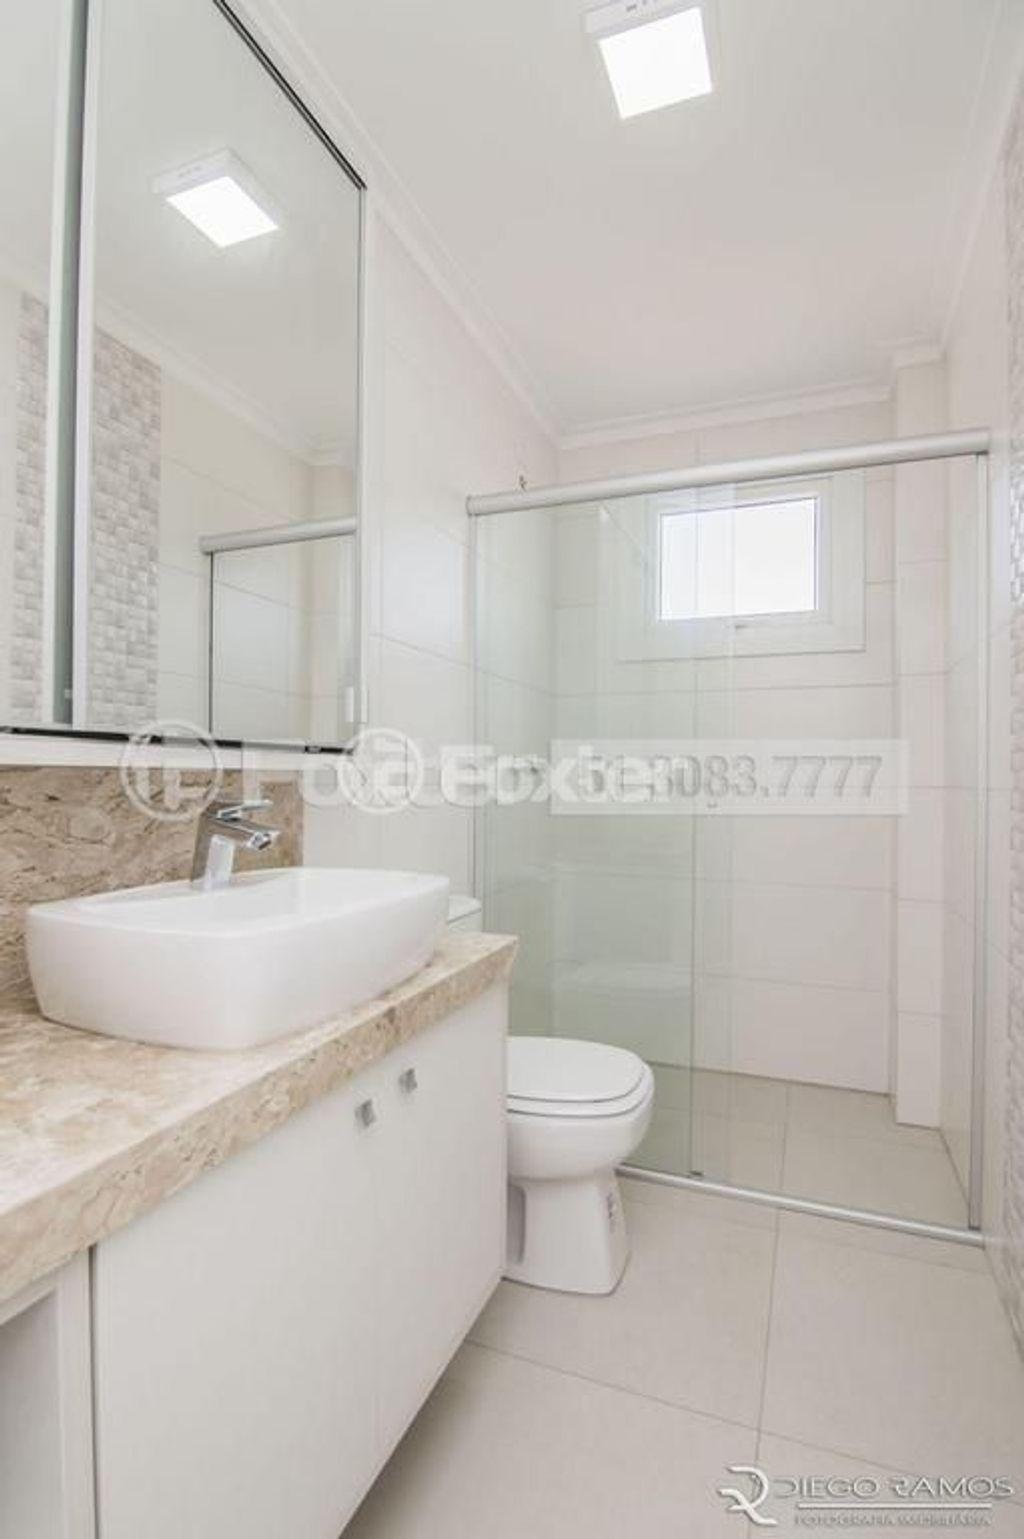 Apto 2 Dorm, Centro, Canoas (145076) - Foto 16